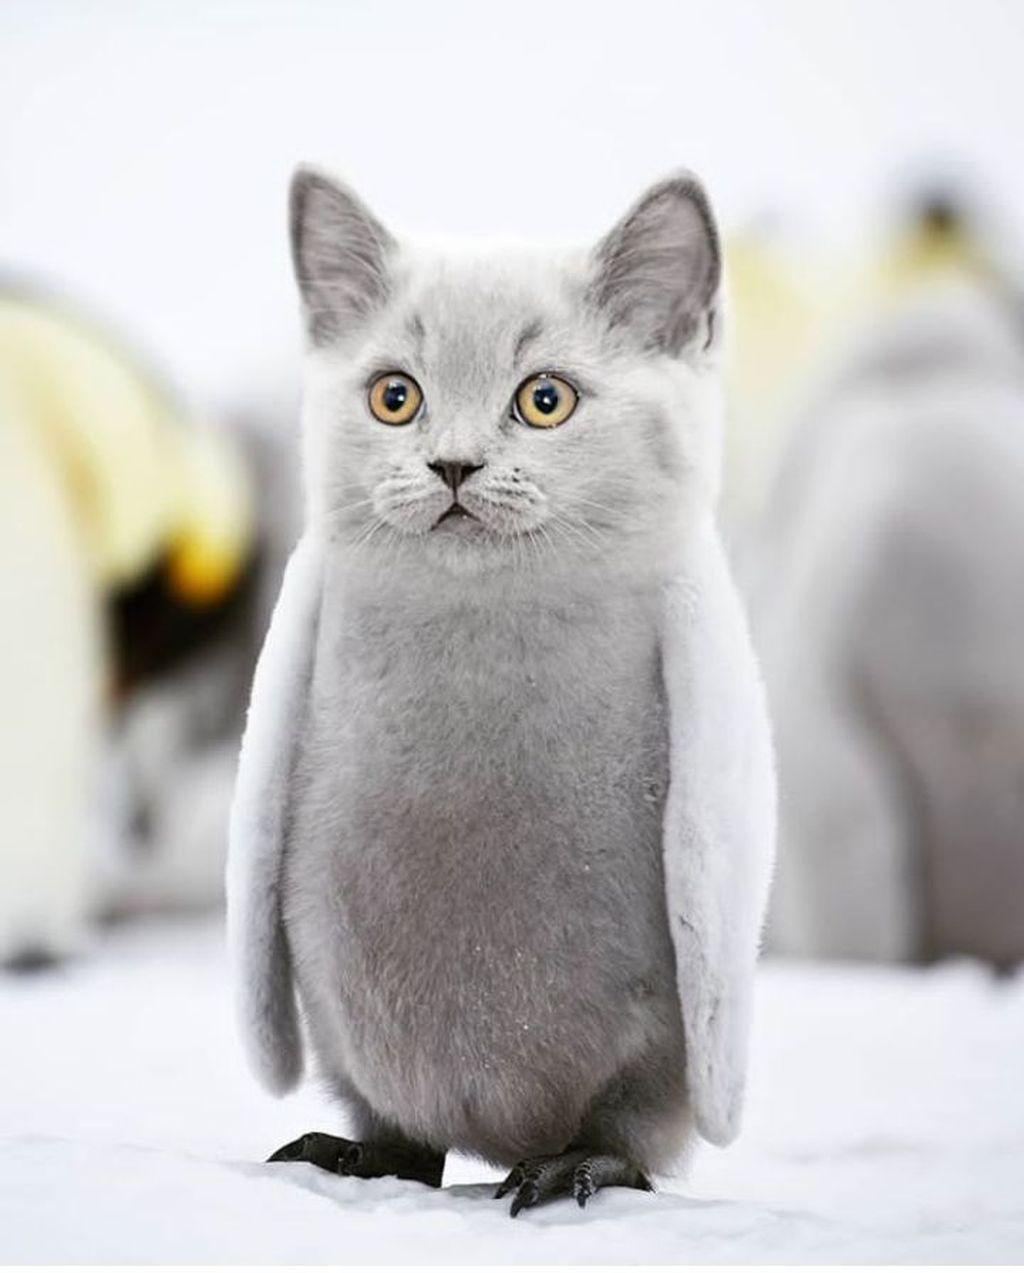 63 Gambar Binatang Lucu Bikin Ngakak HD Gambar Pixabay